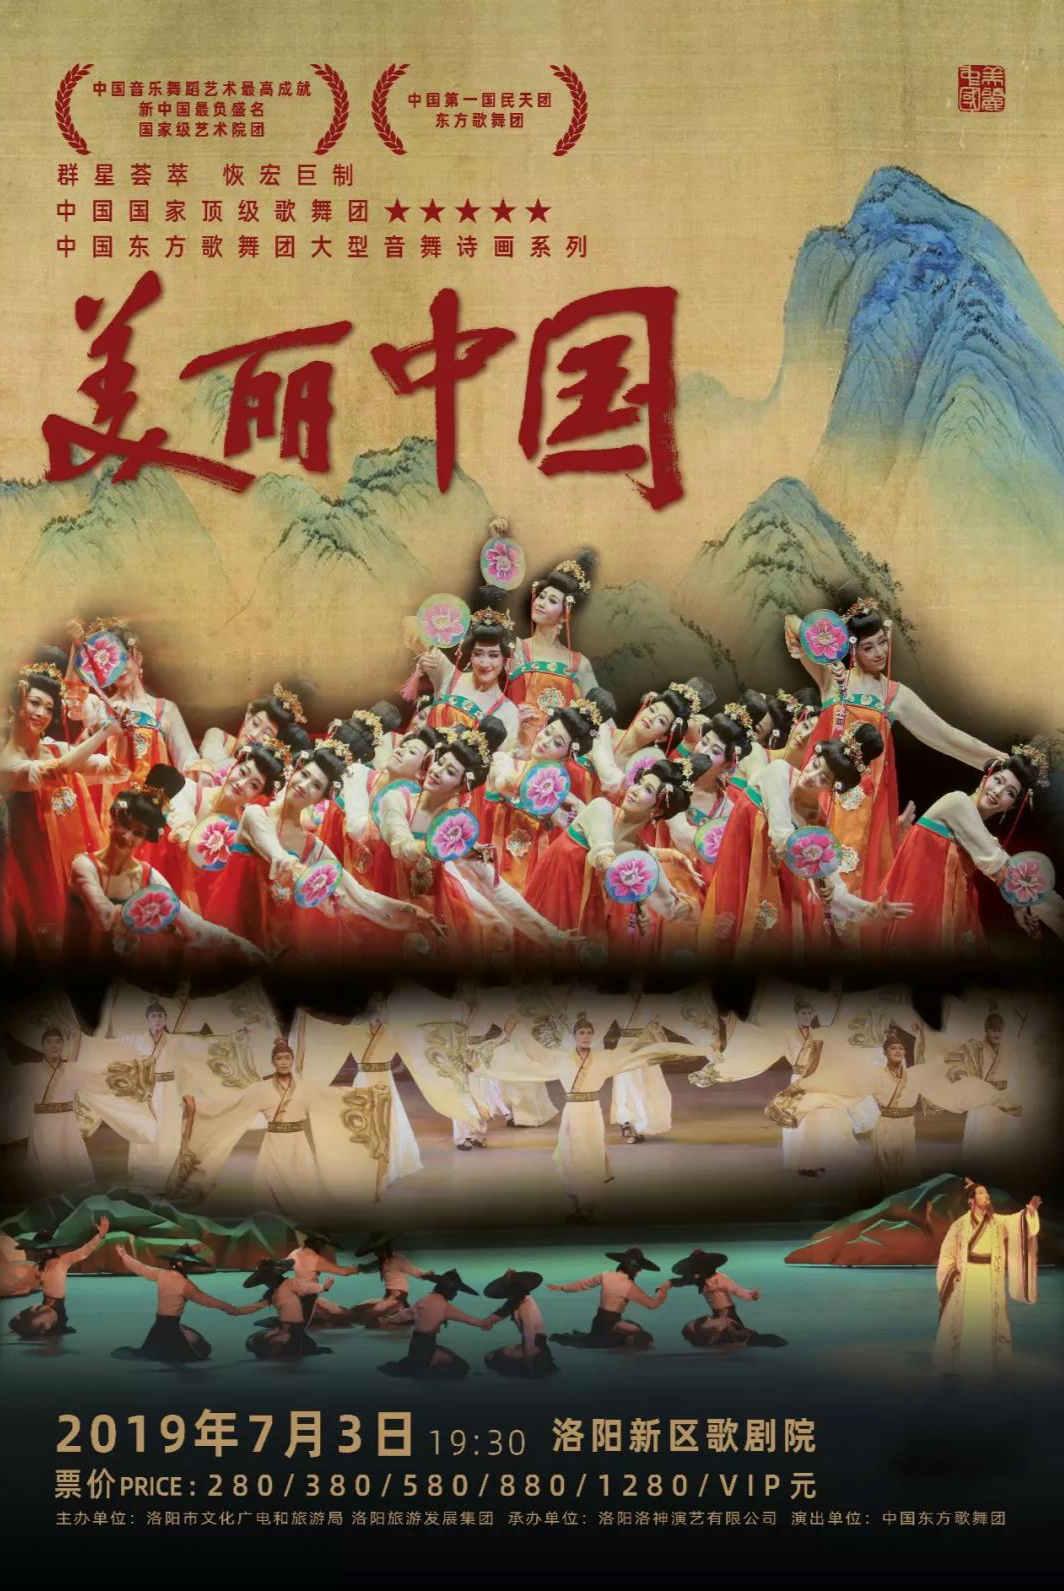 """【洛阳】""""古风国韵音舞诗画系列"""" 《美丽中国》中国巡演"""